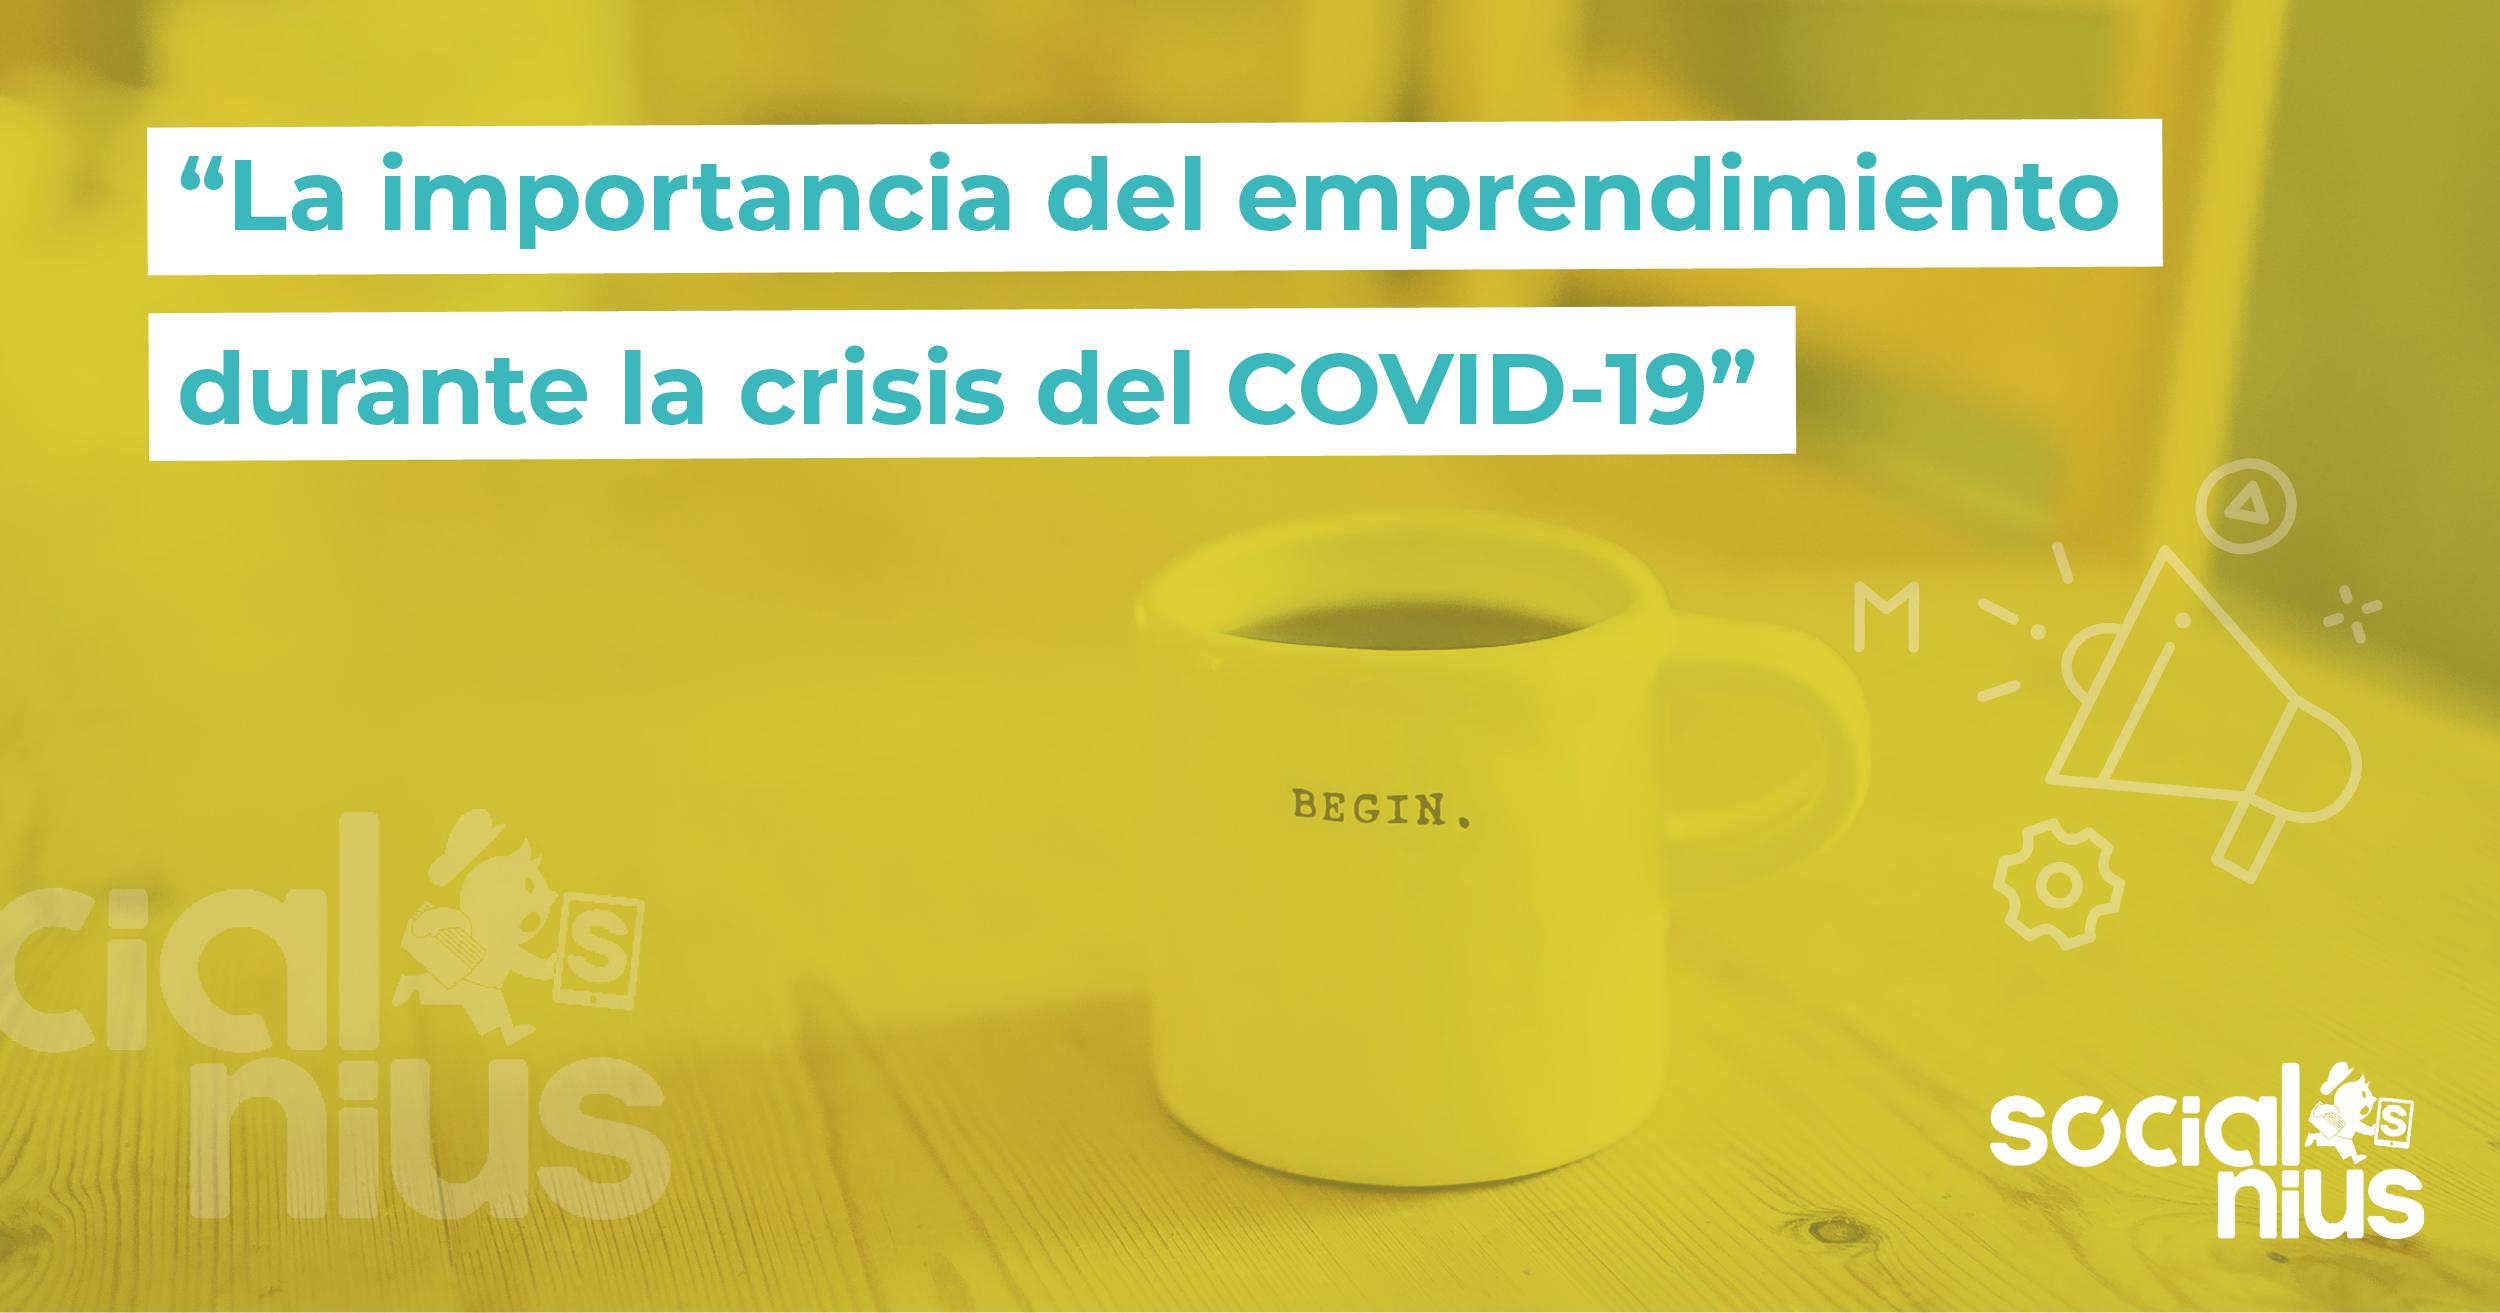 la gran importancia de emprender en momentos de crisis